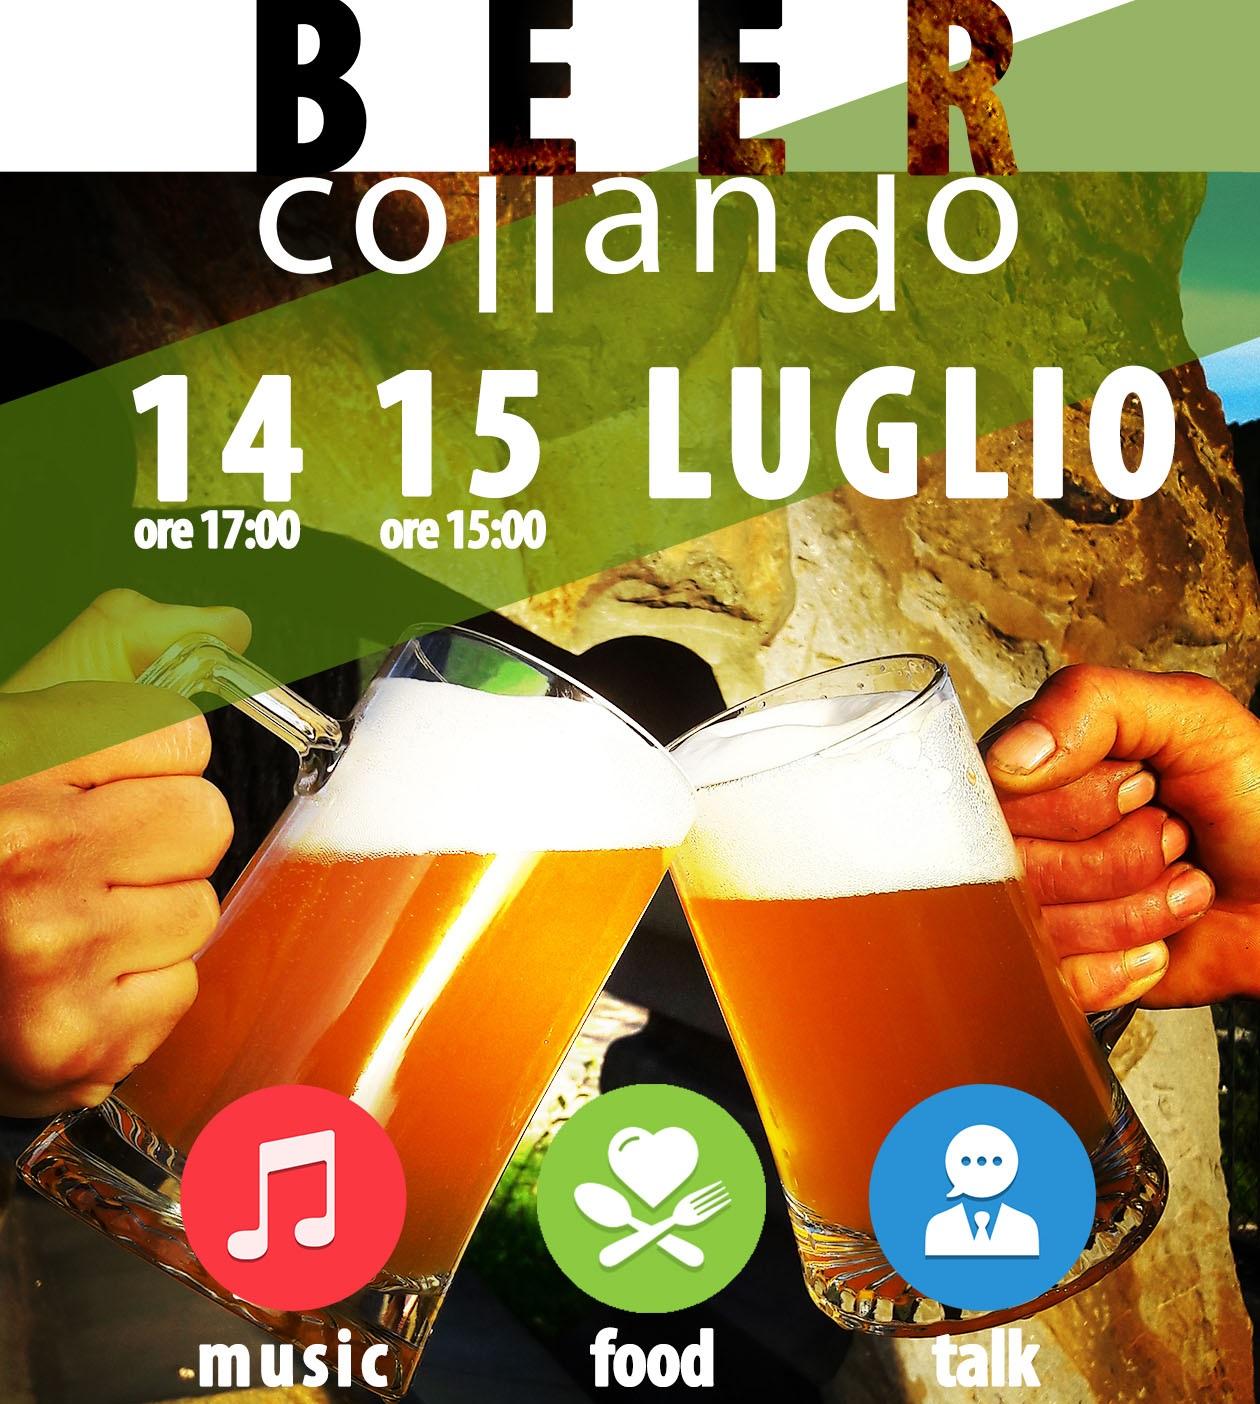 Beercollando: due giorni all'insegna della Birra, tra i vicoli medioevali di Casacastalda!